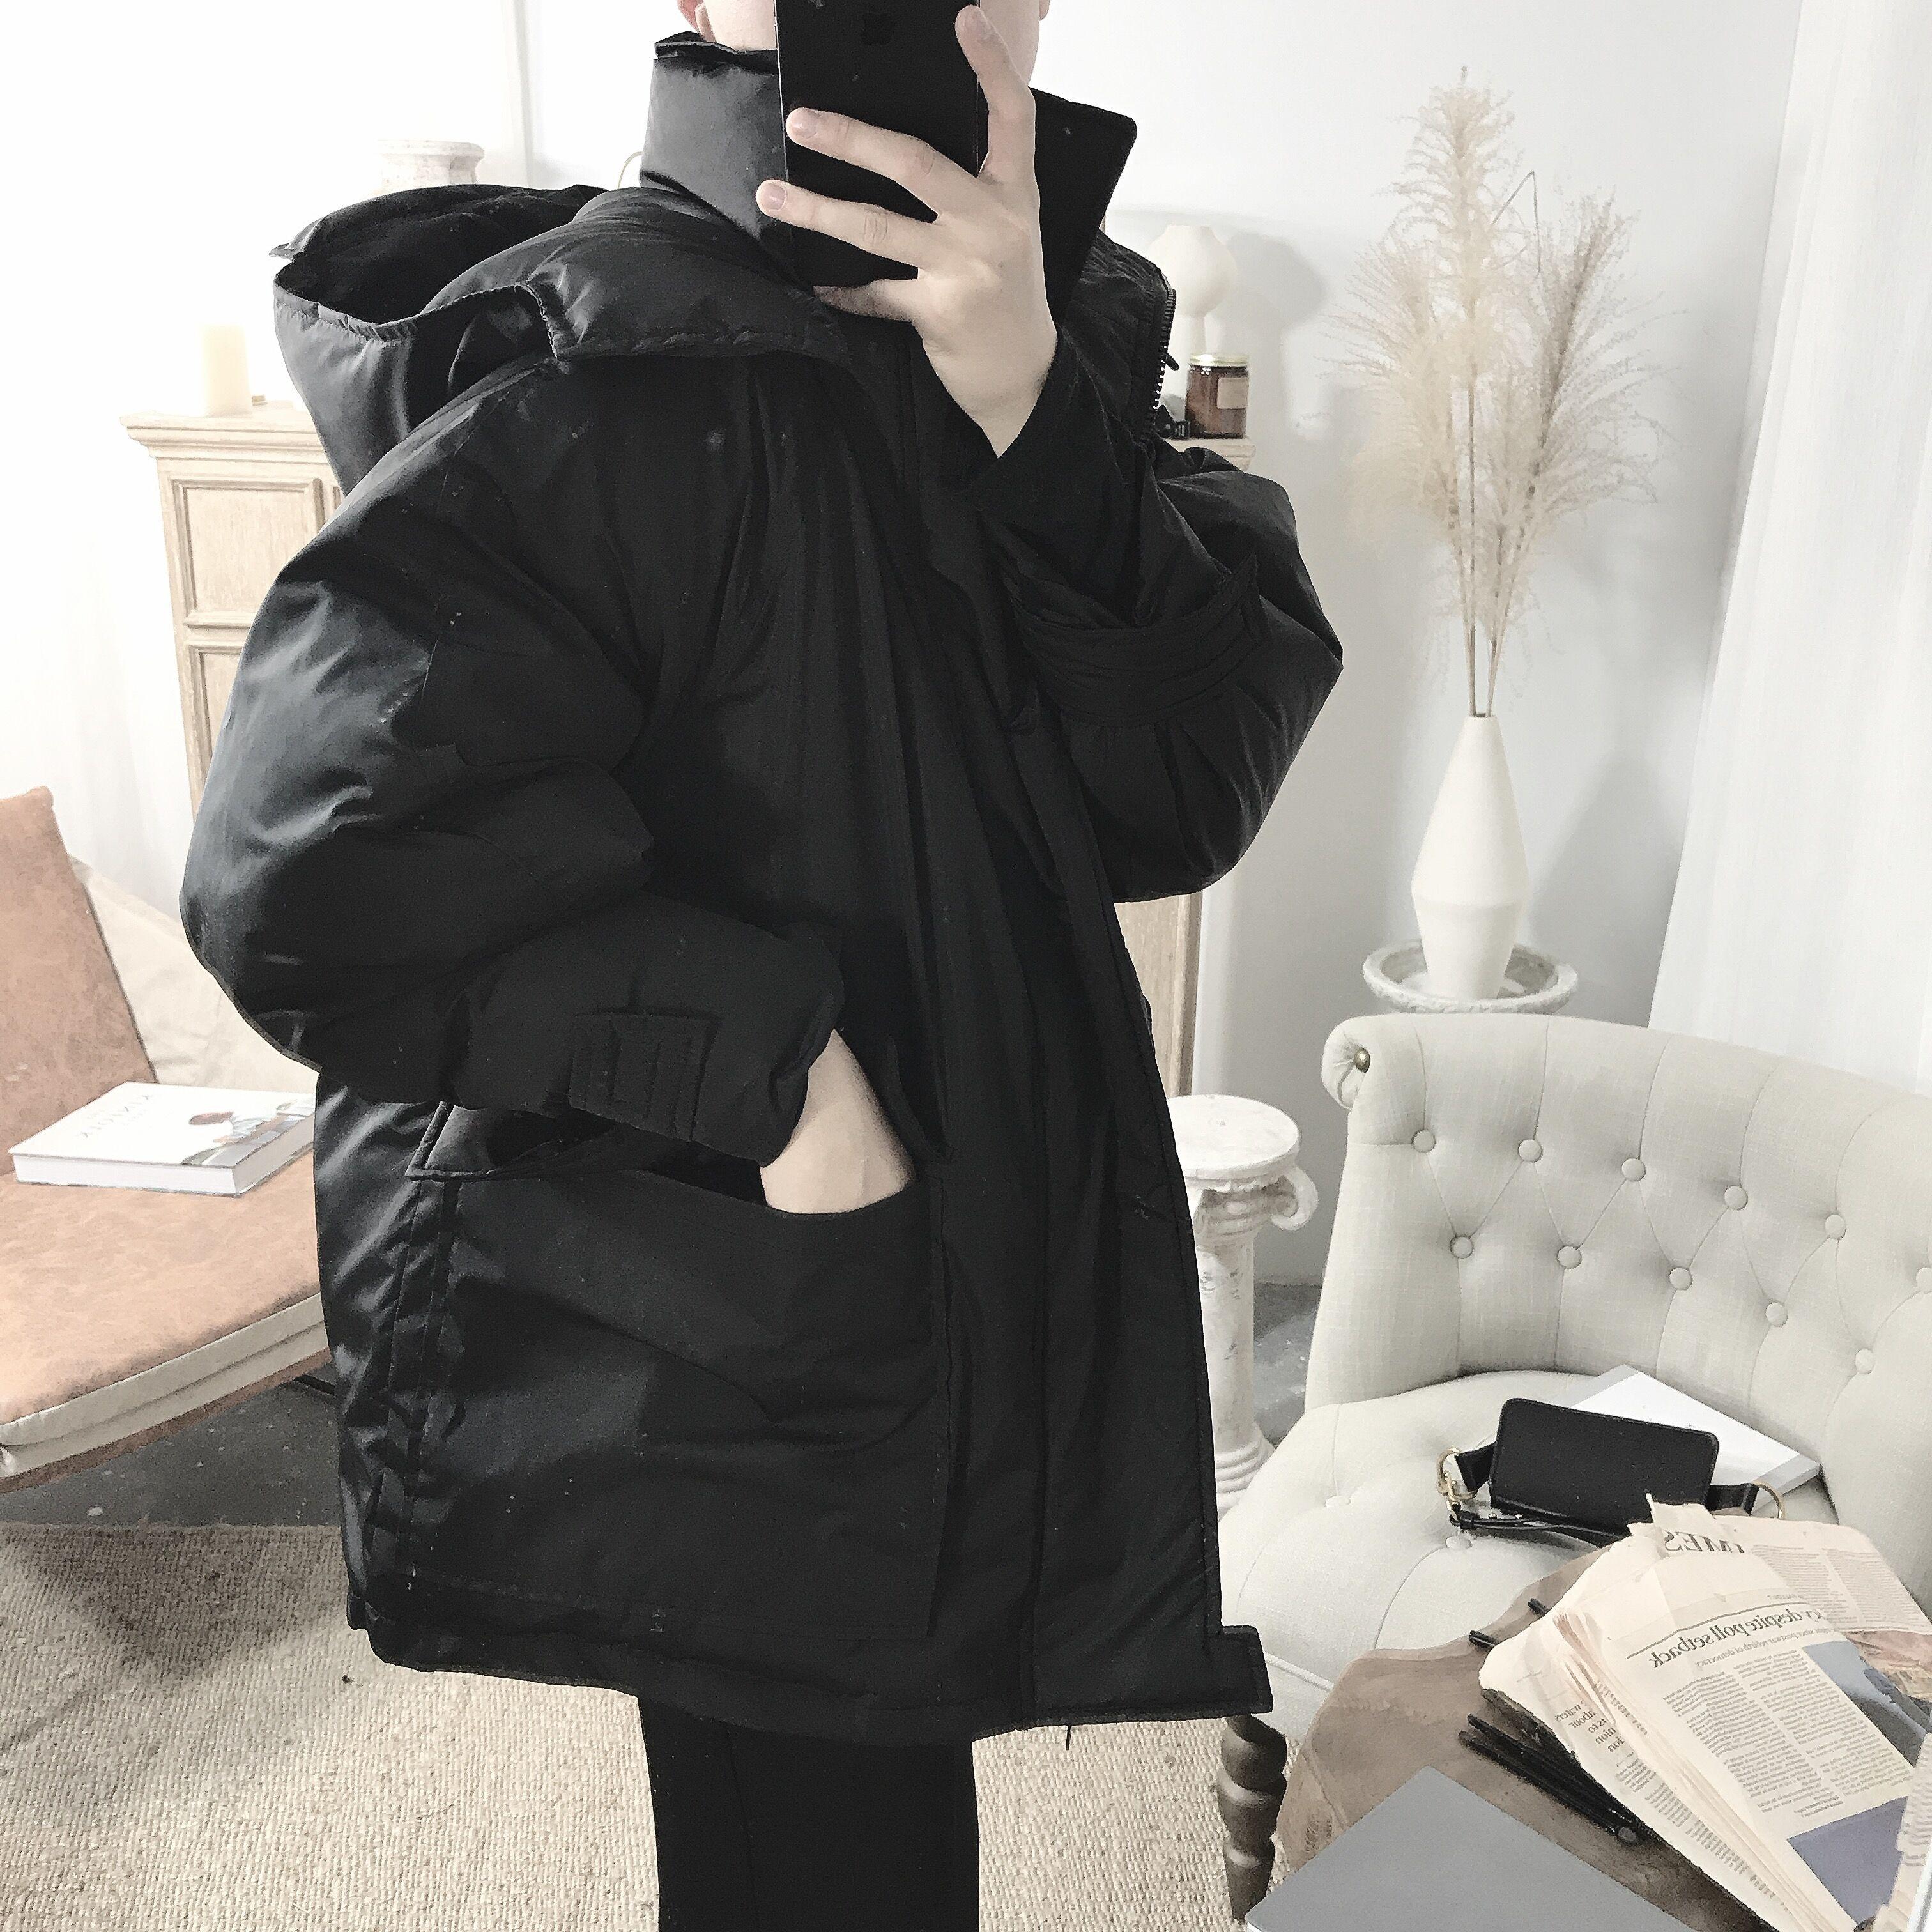 阿茶与阿古黑色暗黑连帽韩版简约复古加厚保暖棉服棉衣